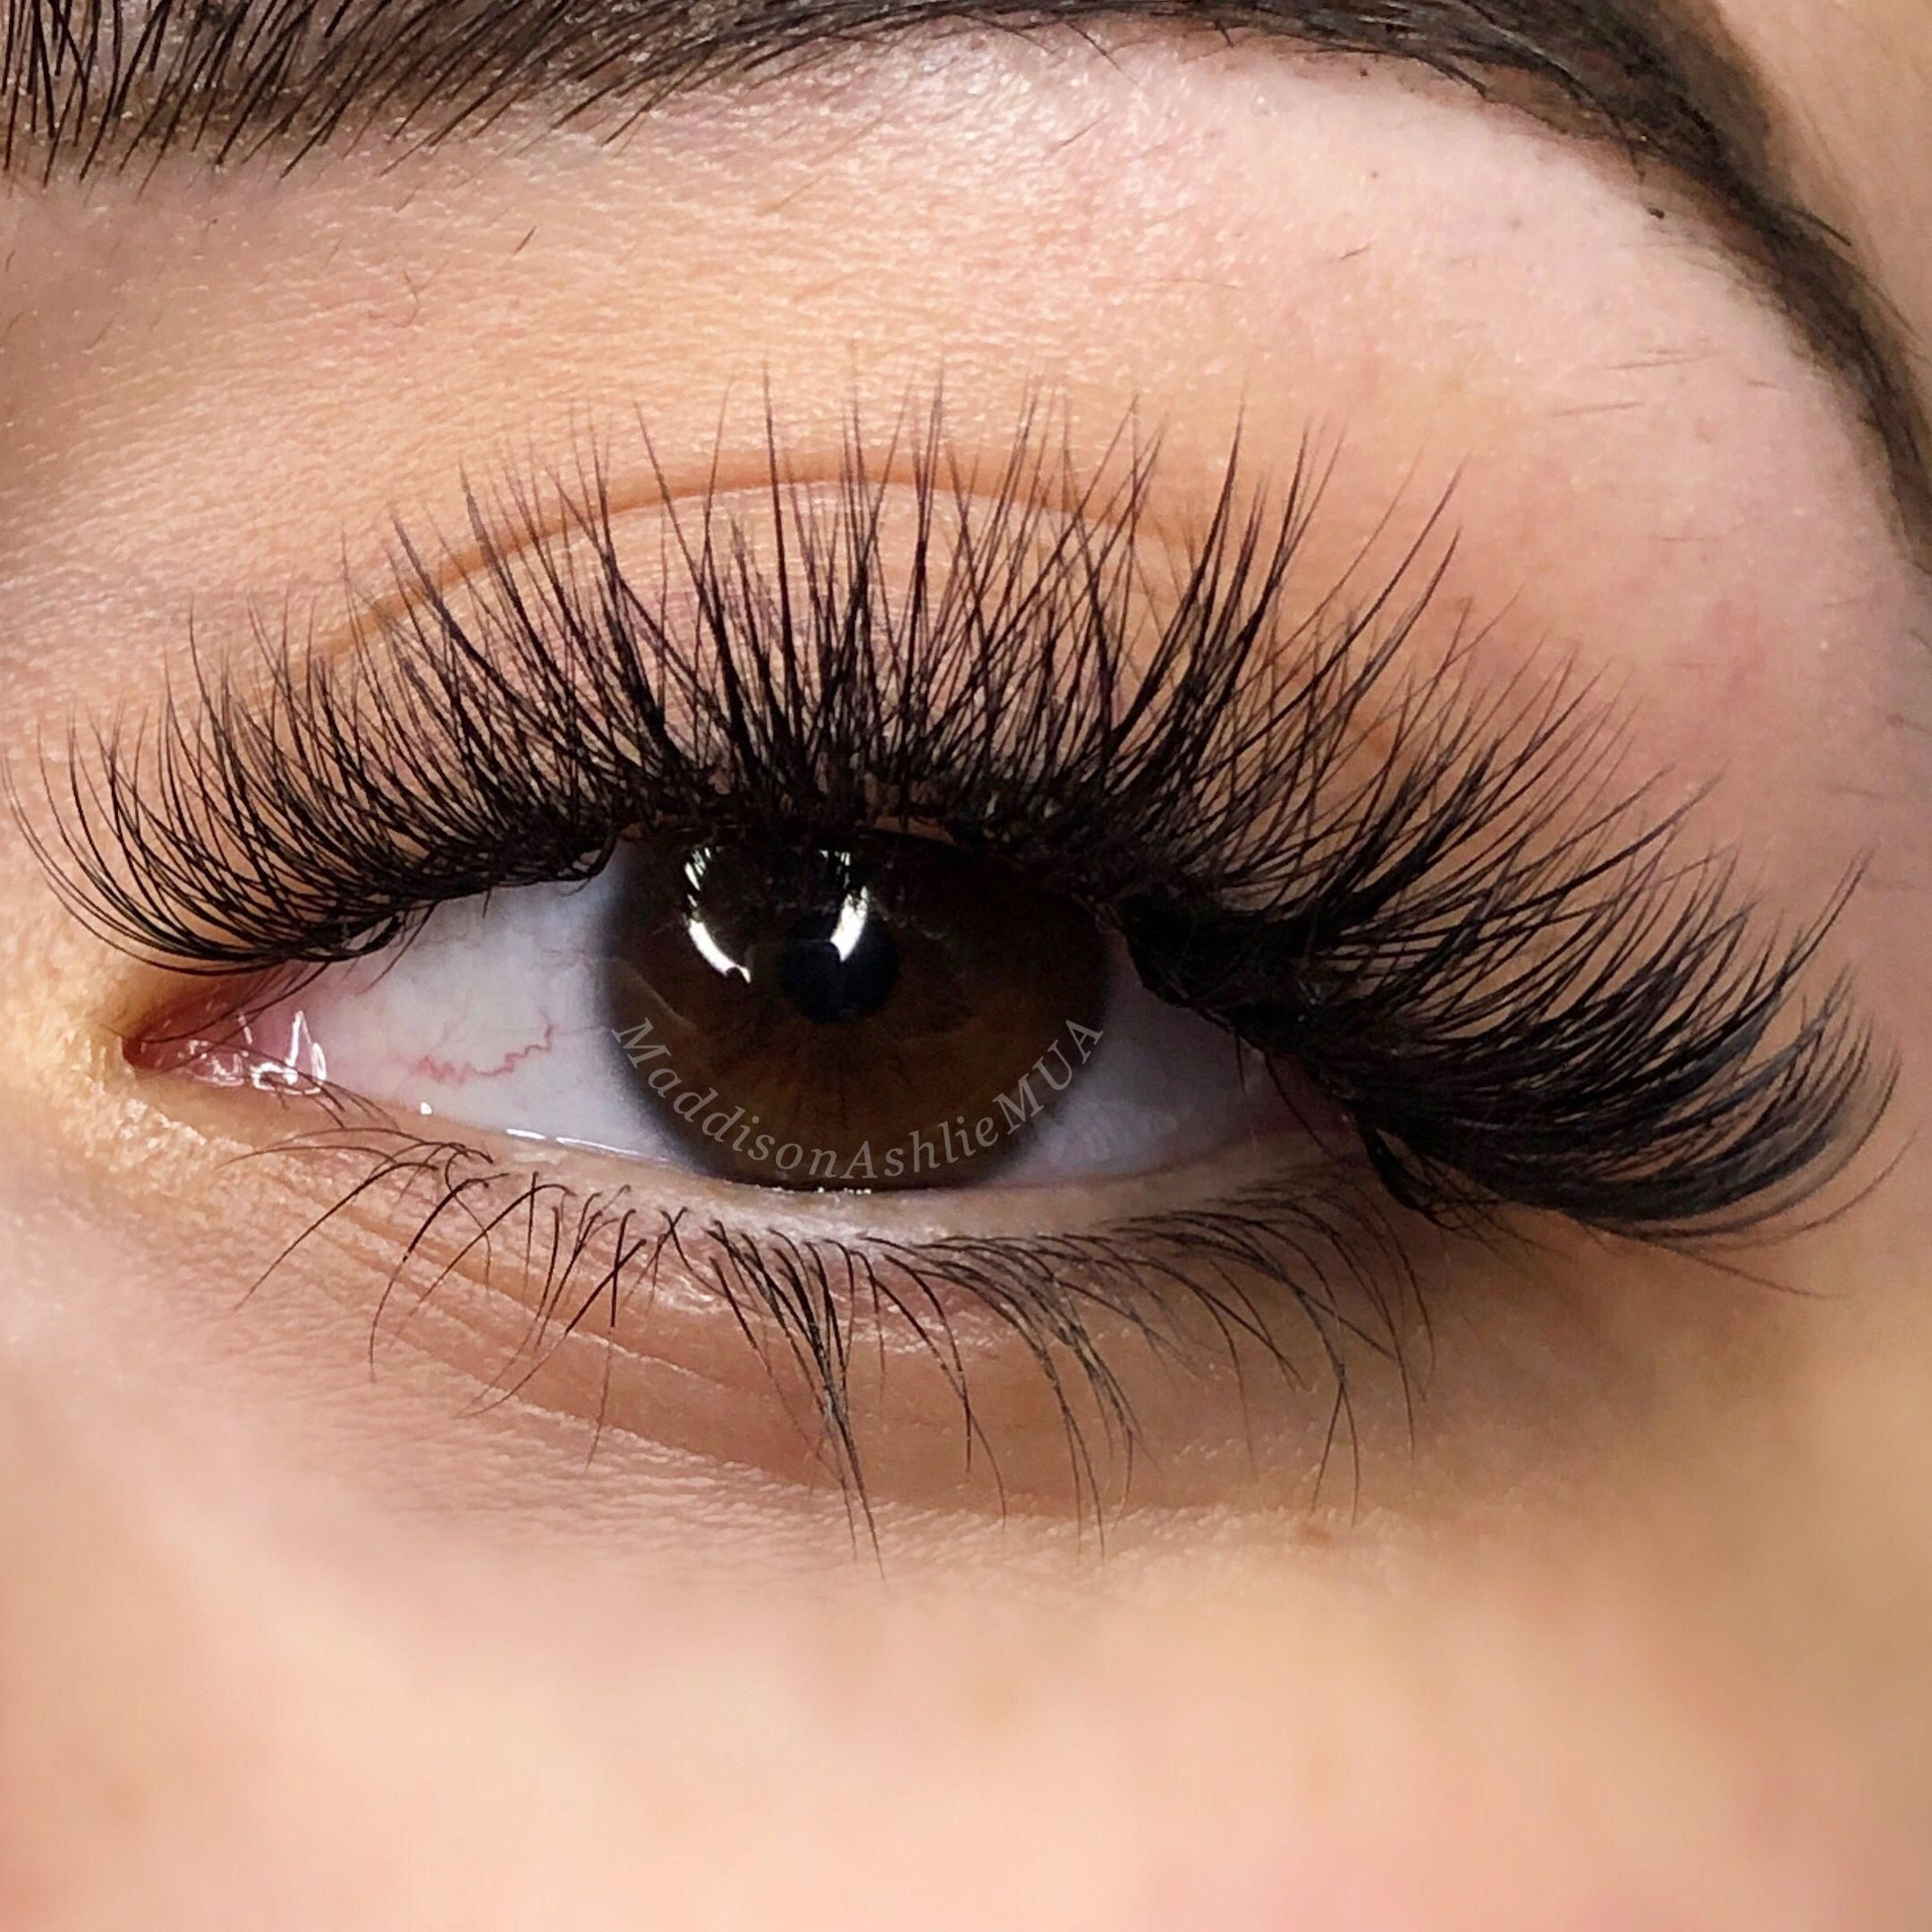 long thick false eyelashes howlongdoesaneyelashliftlast